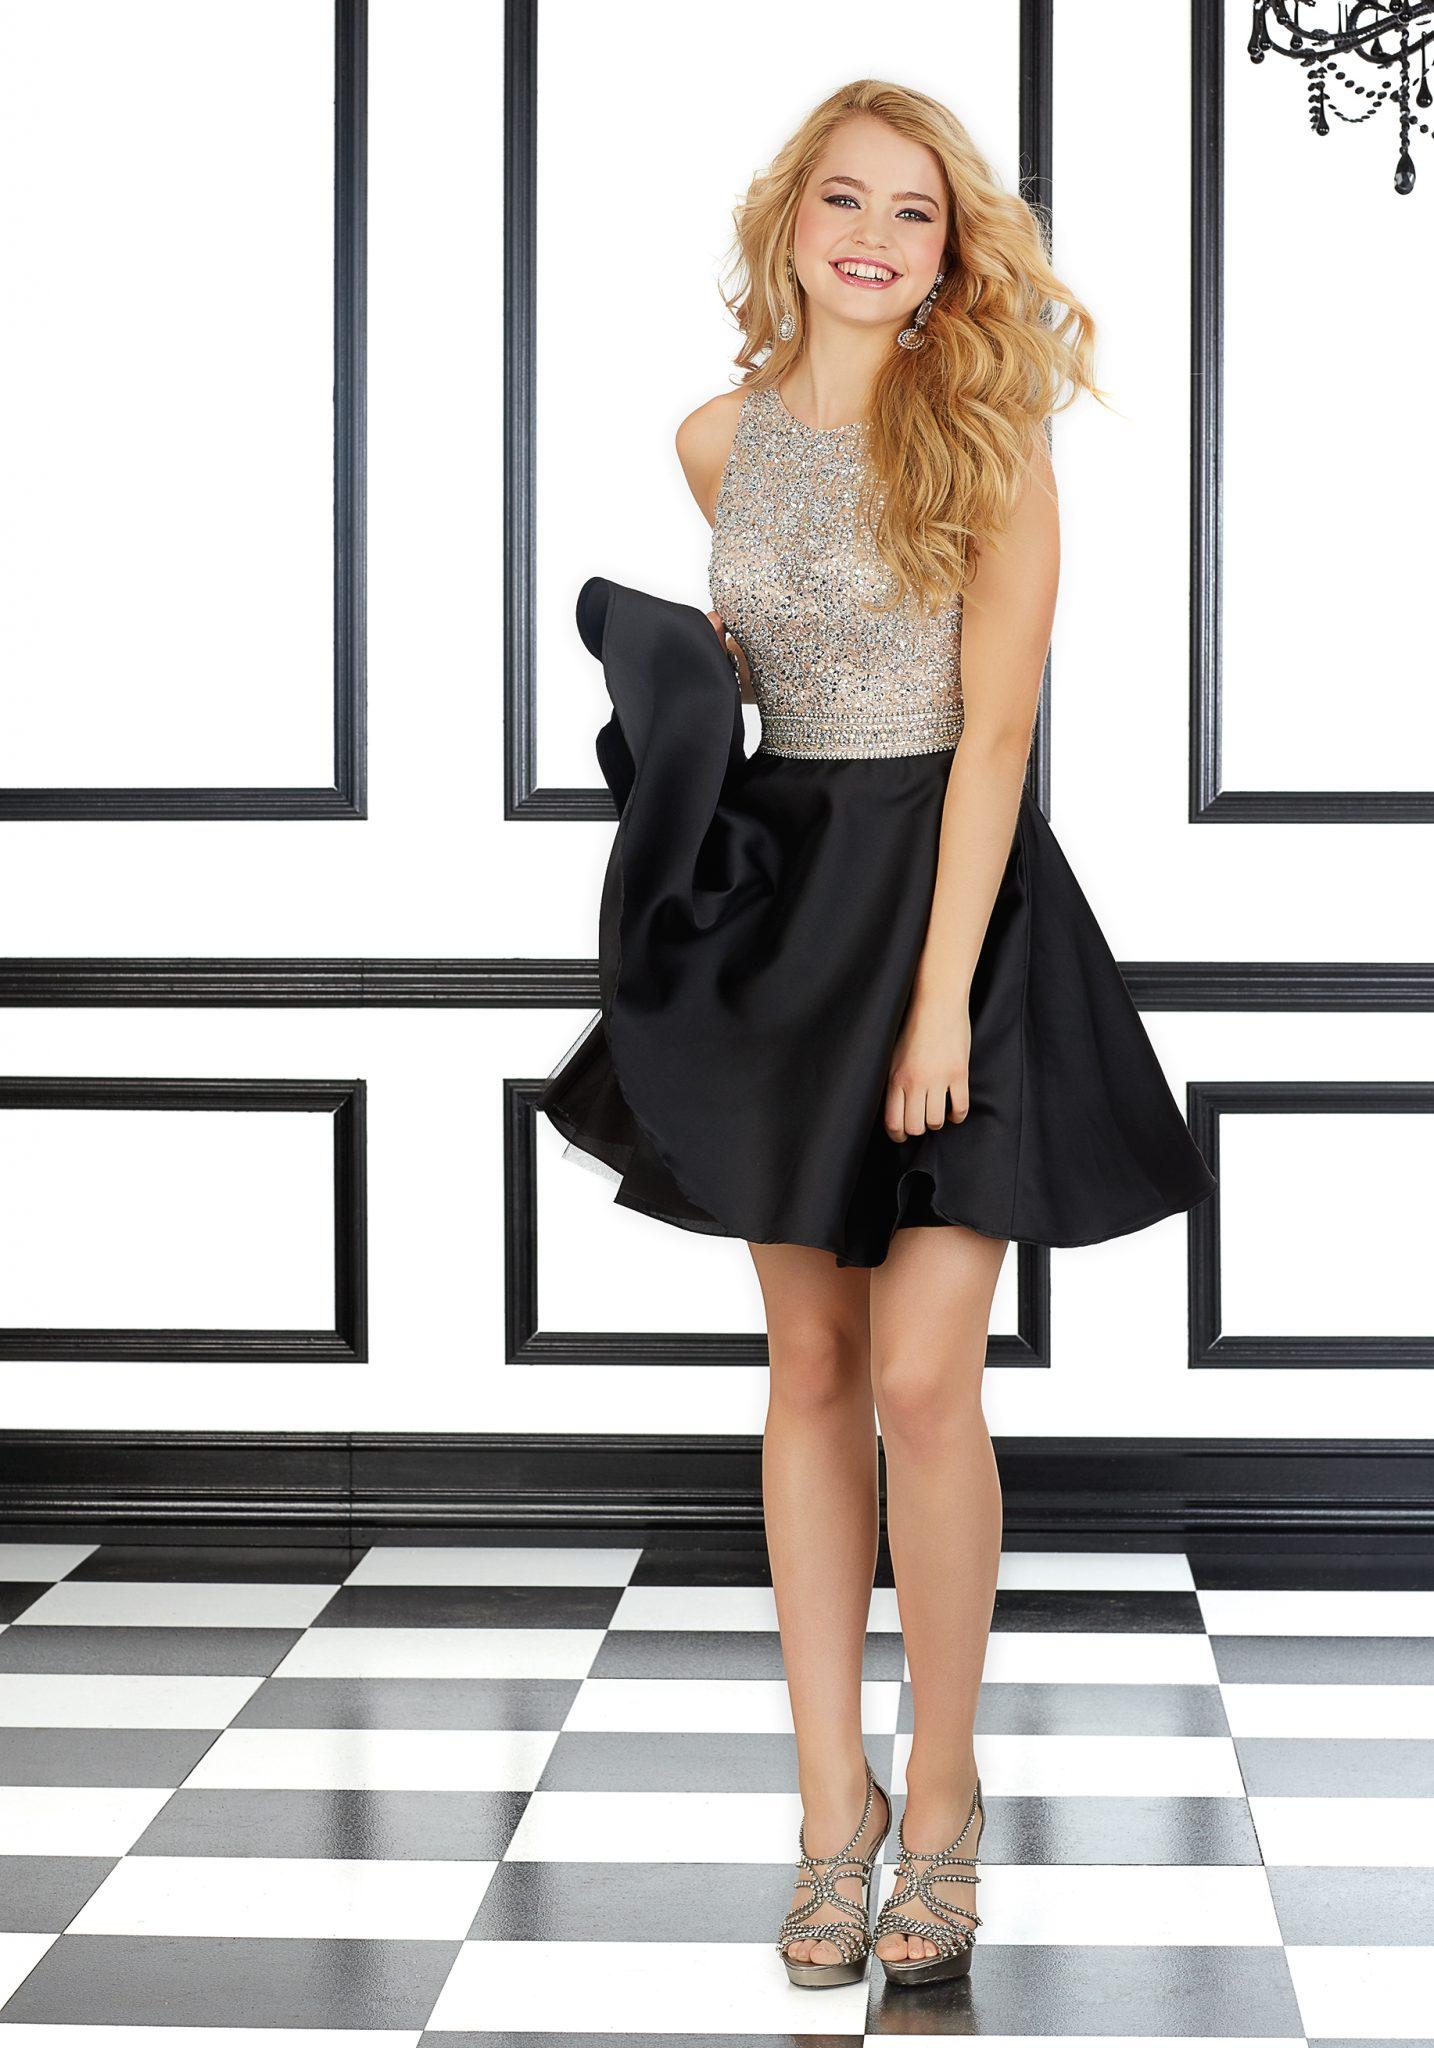 2020 Abiye Elbise Kısa Abiye Modelleri Siyah Kolsuz Saten etek Boncuk İşlemeli